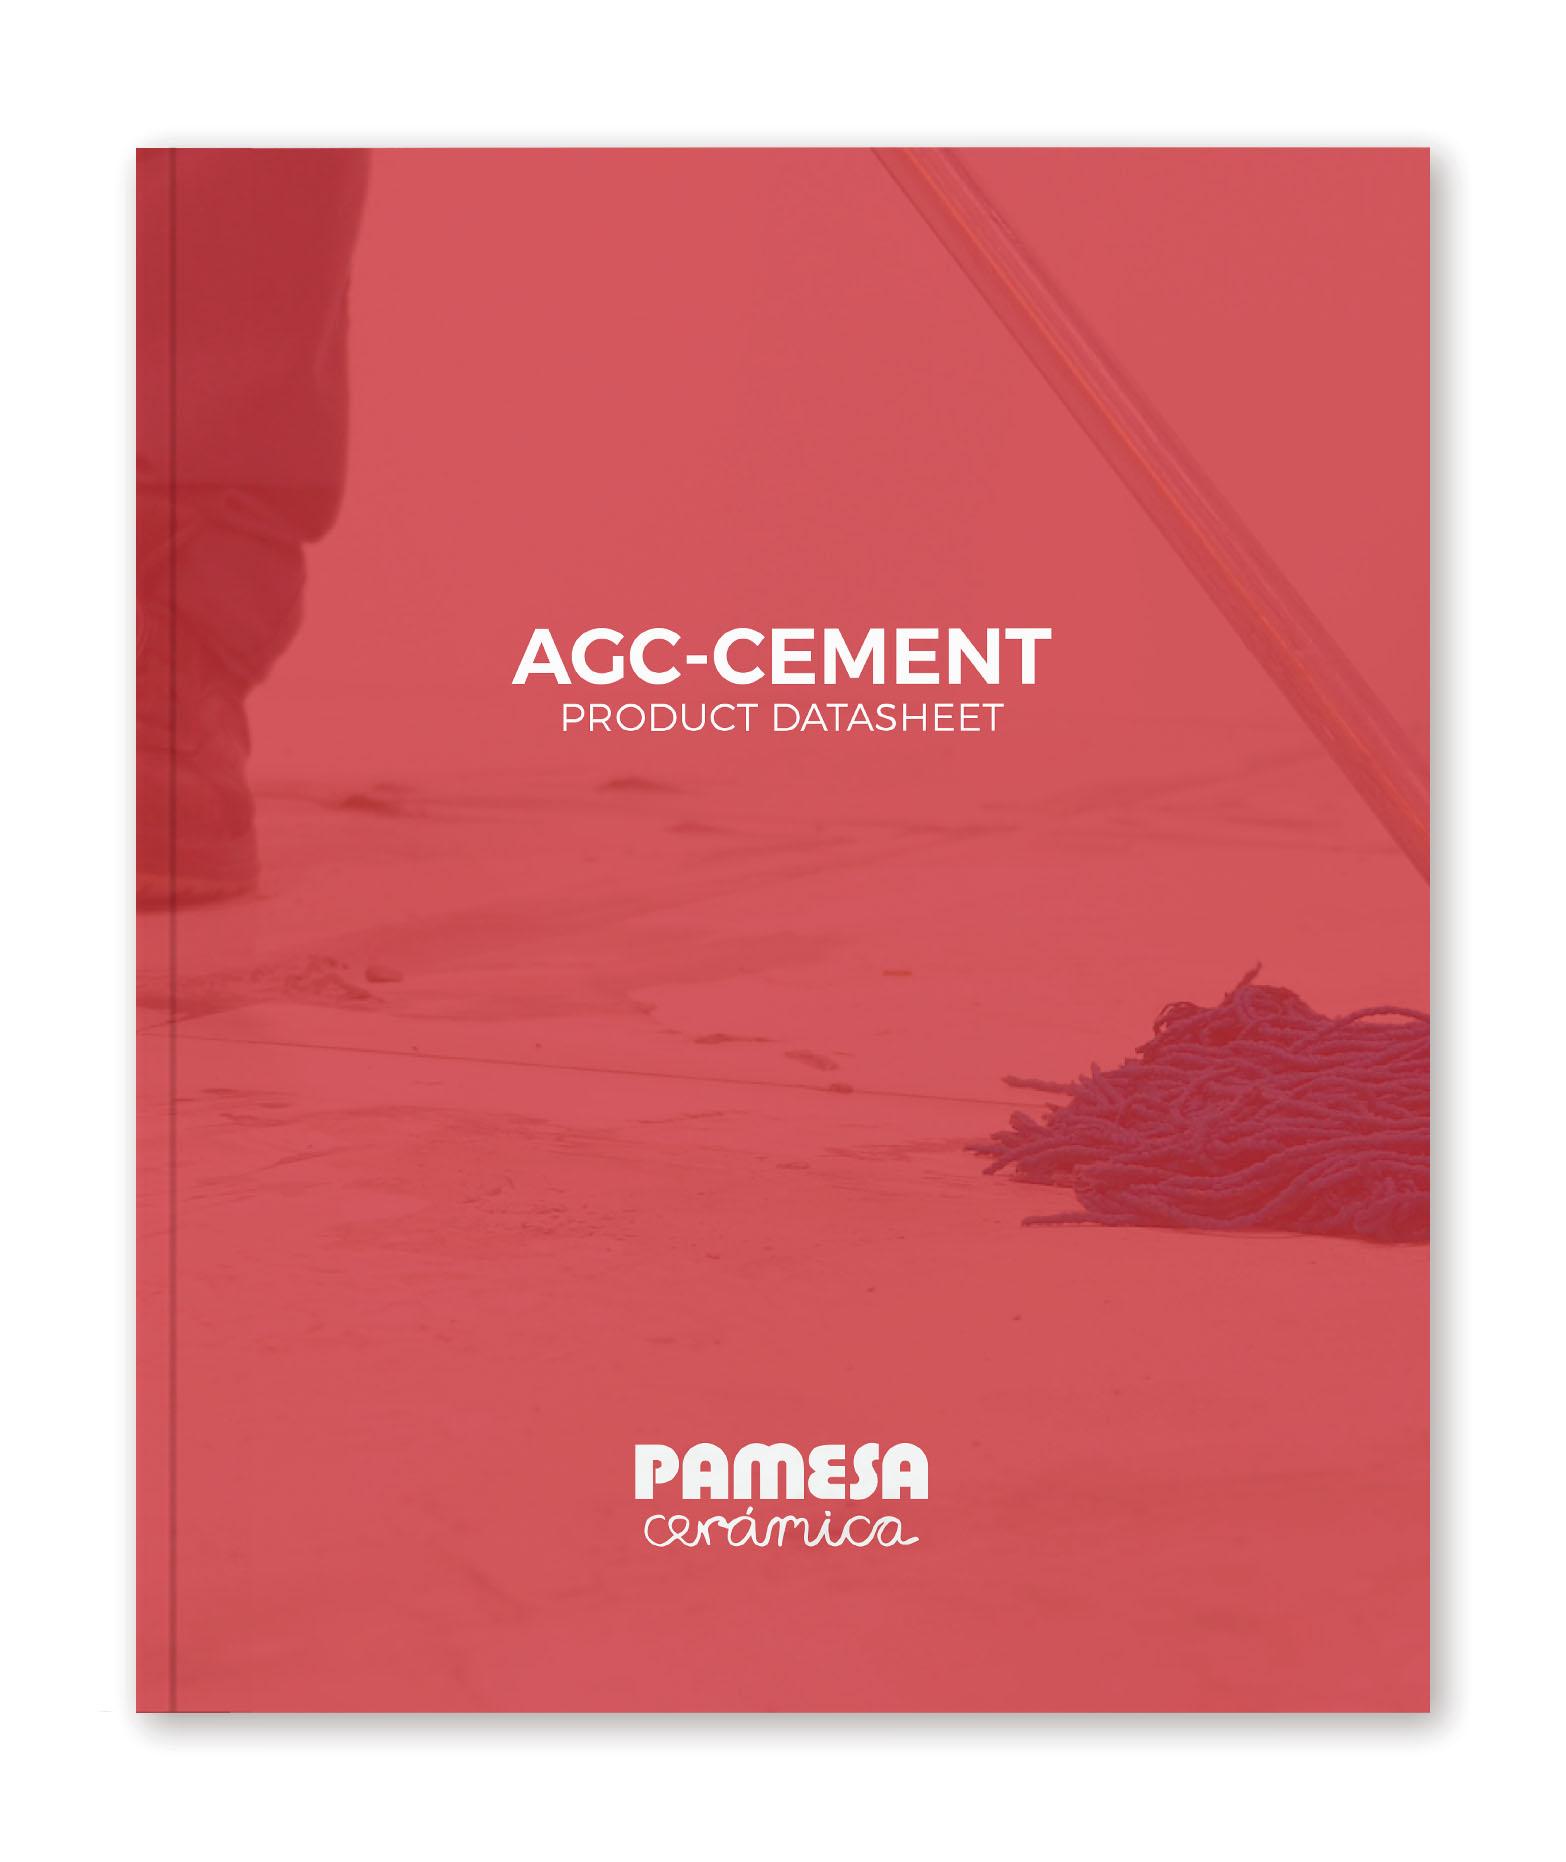 AGC-CEMENT